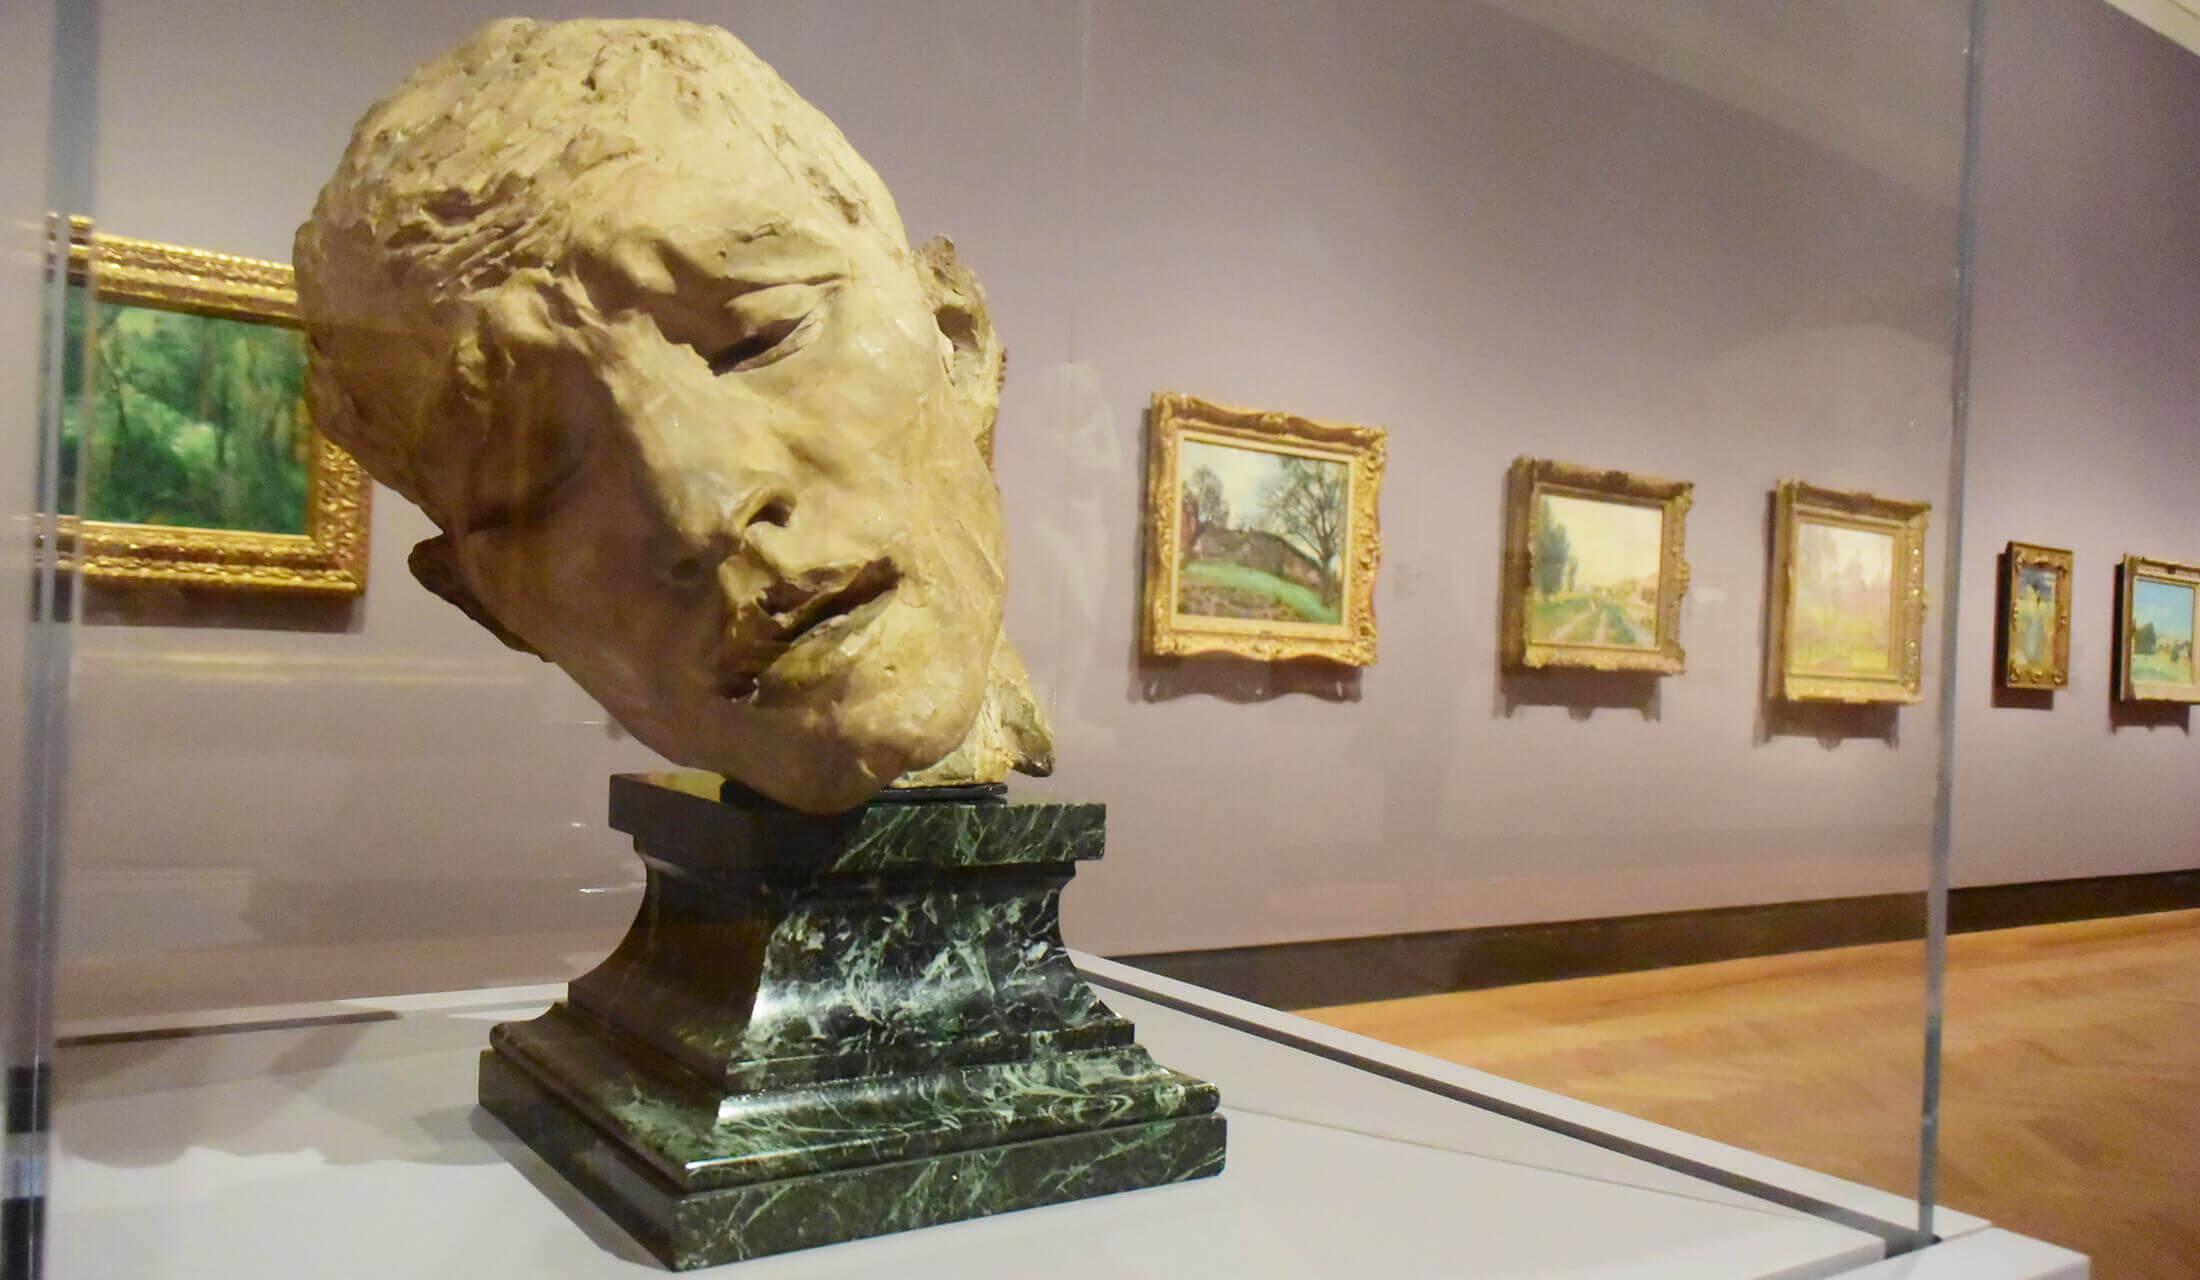 オンタリオ美術館(AGO)に展示された彫刻作品